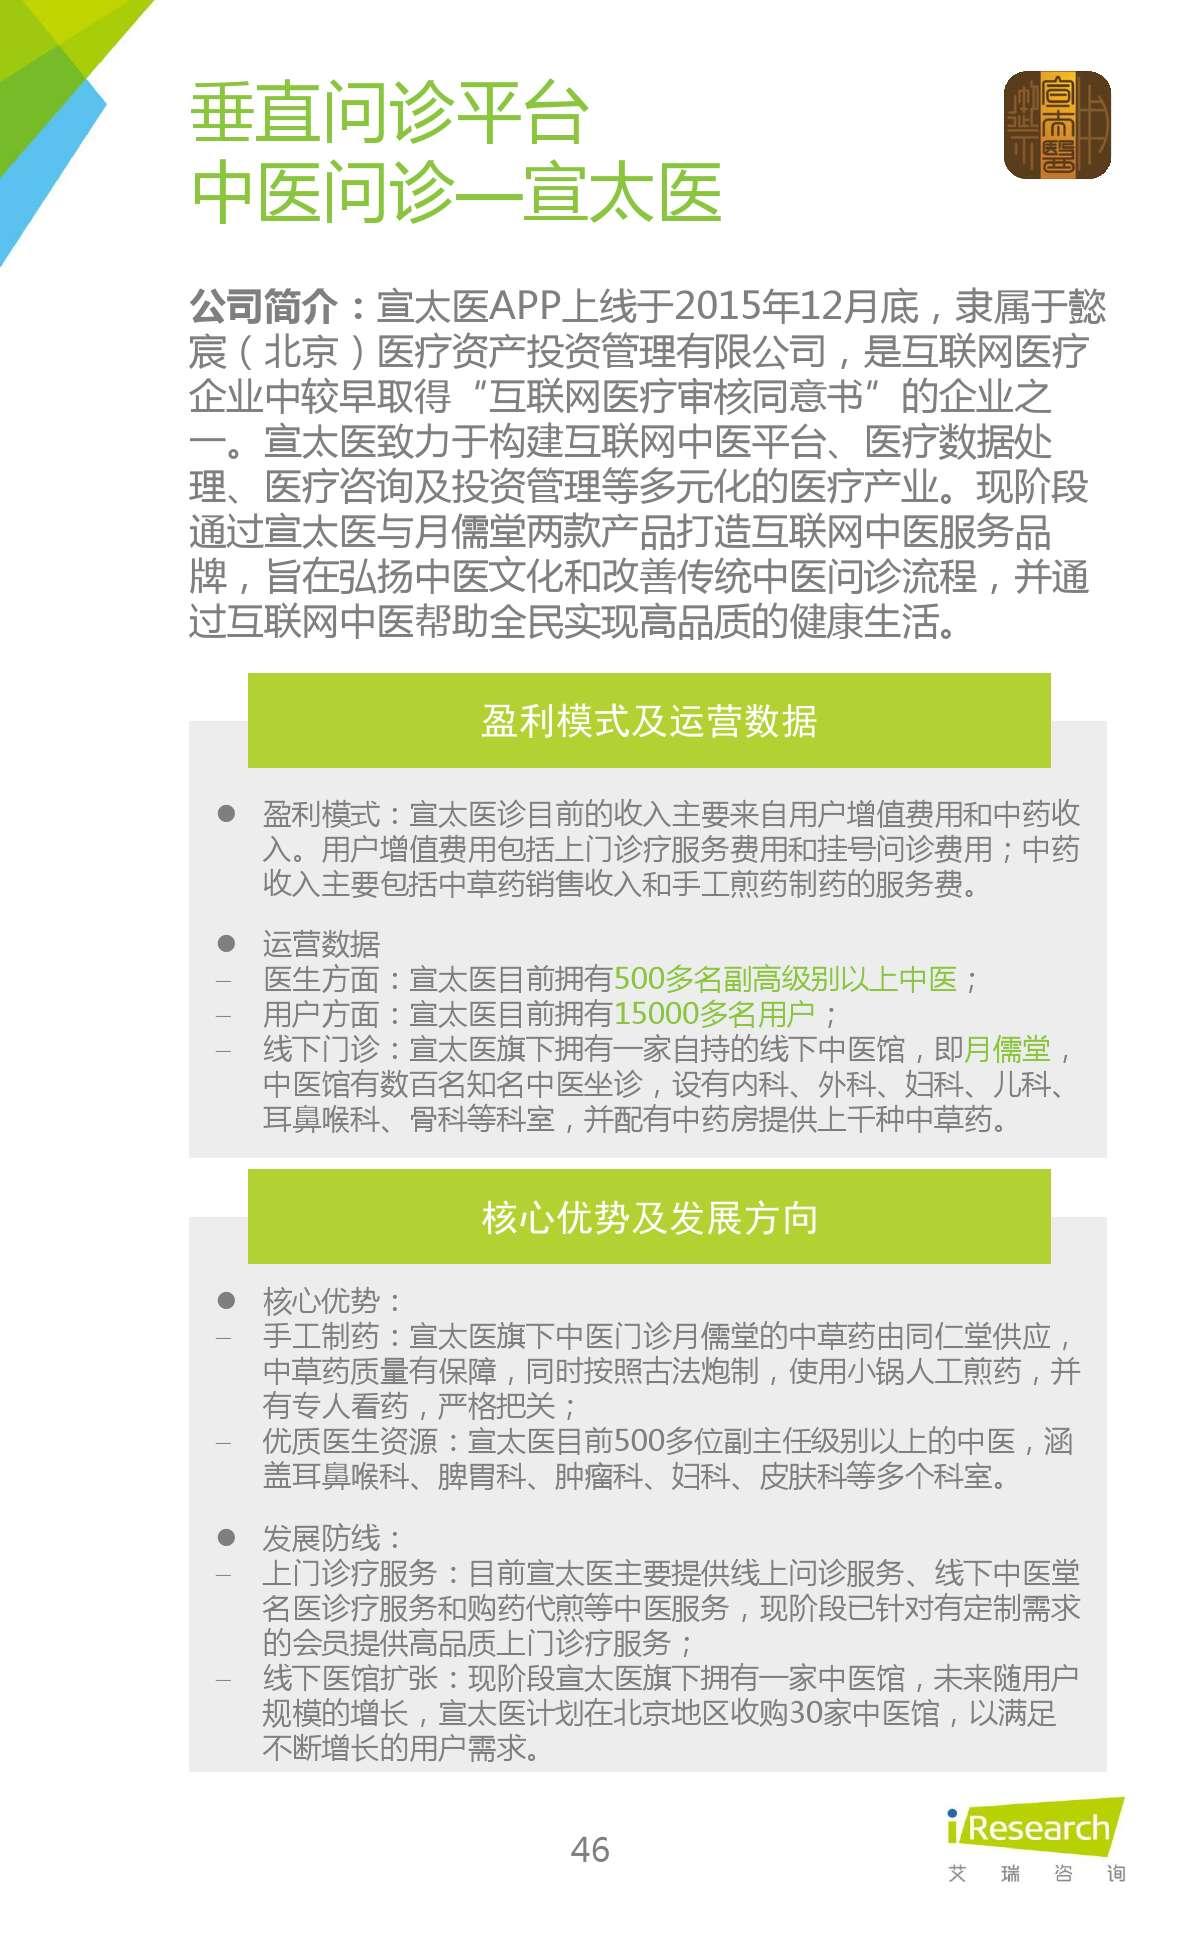 2015年中国在线问诊行业研究报告_000046